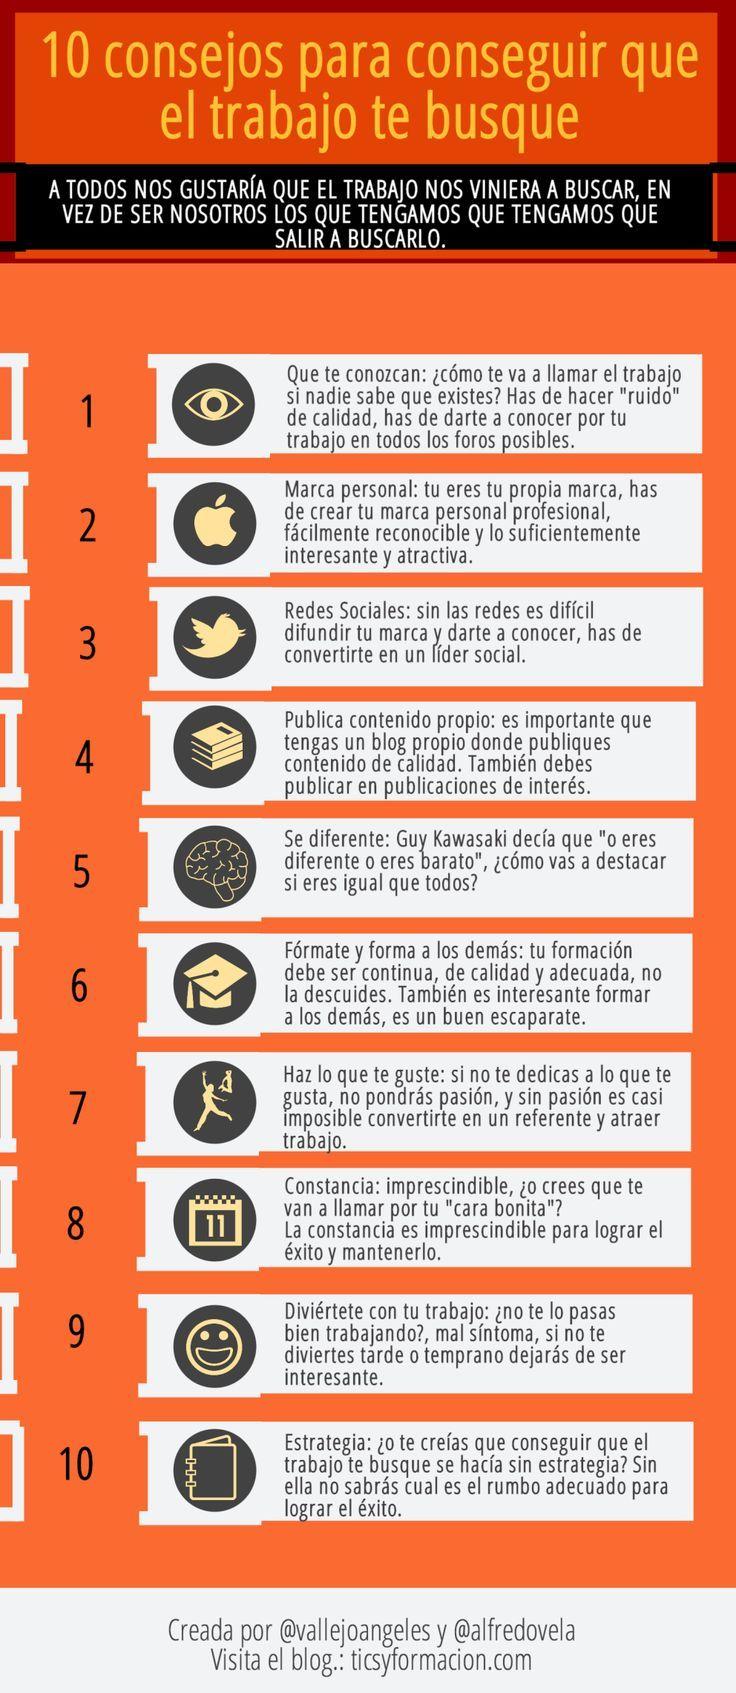 10 Consejos para conseguir que el trabajo te busque #egresados #estudiantes #umayor Ideas Desarrollo Personal para www.masymejor.com